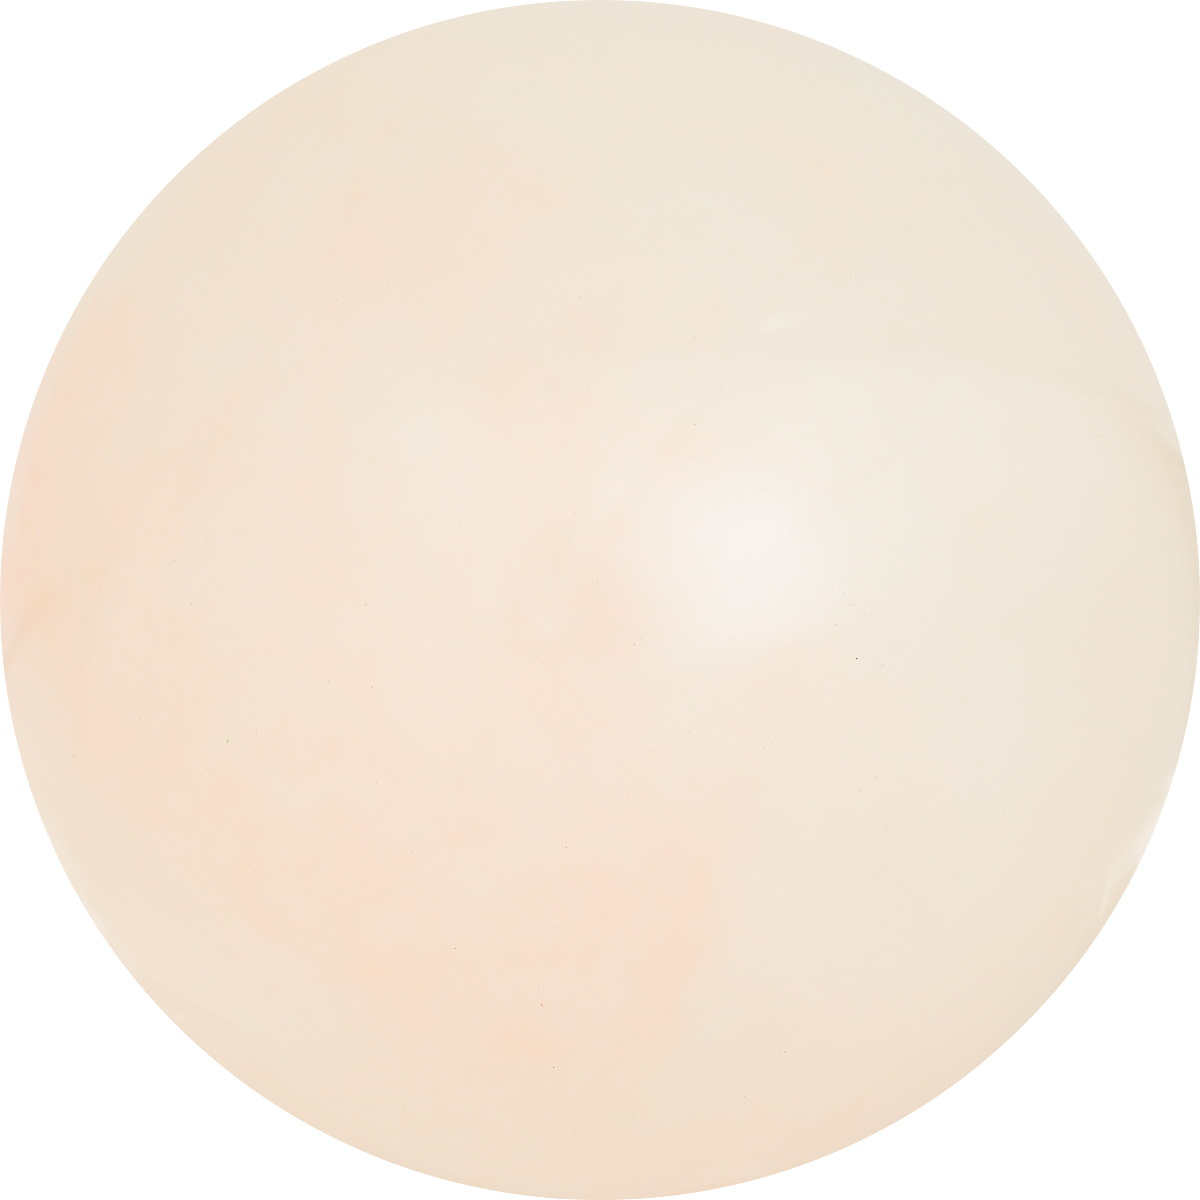 Забияка Мяч Слияние цвета цвет бежевый 20 см